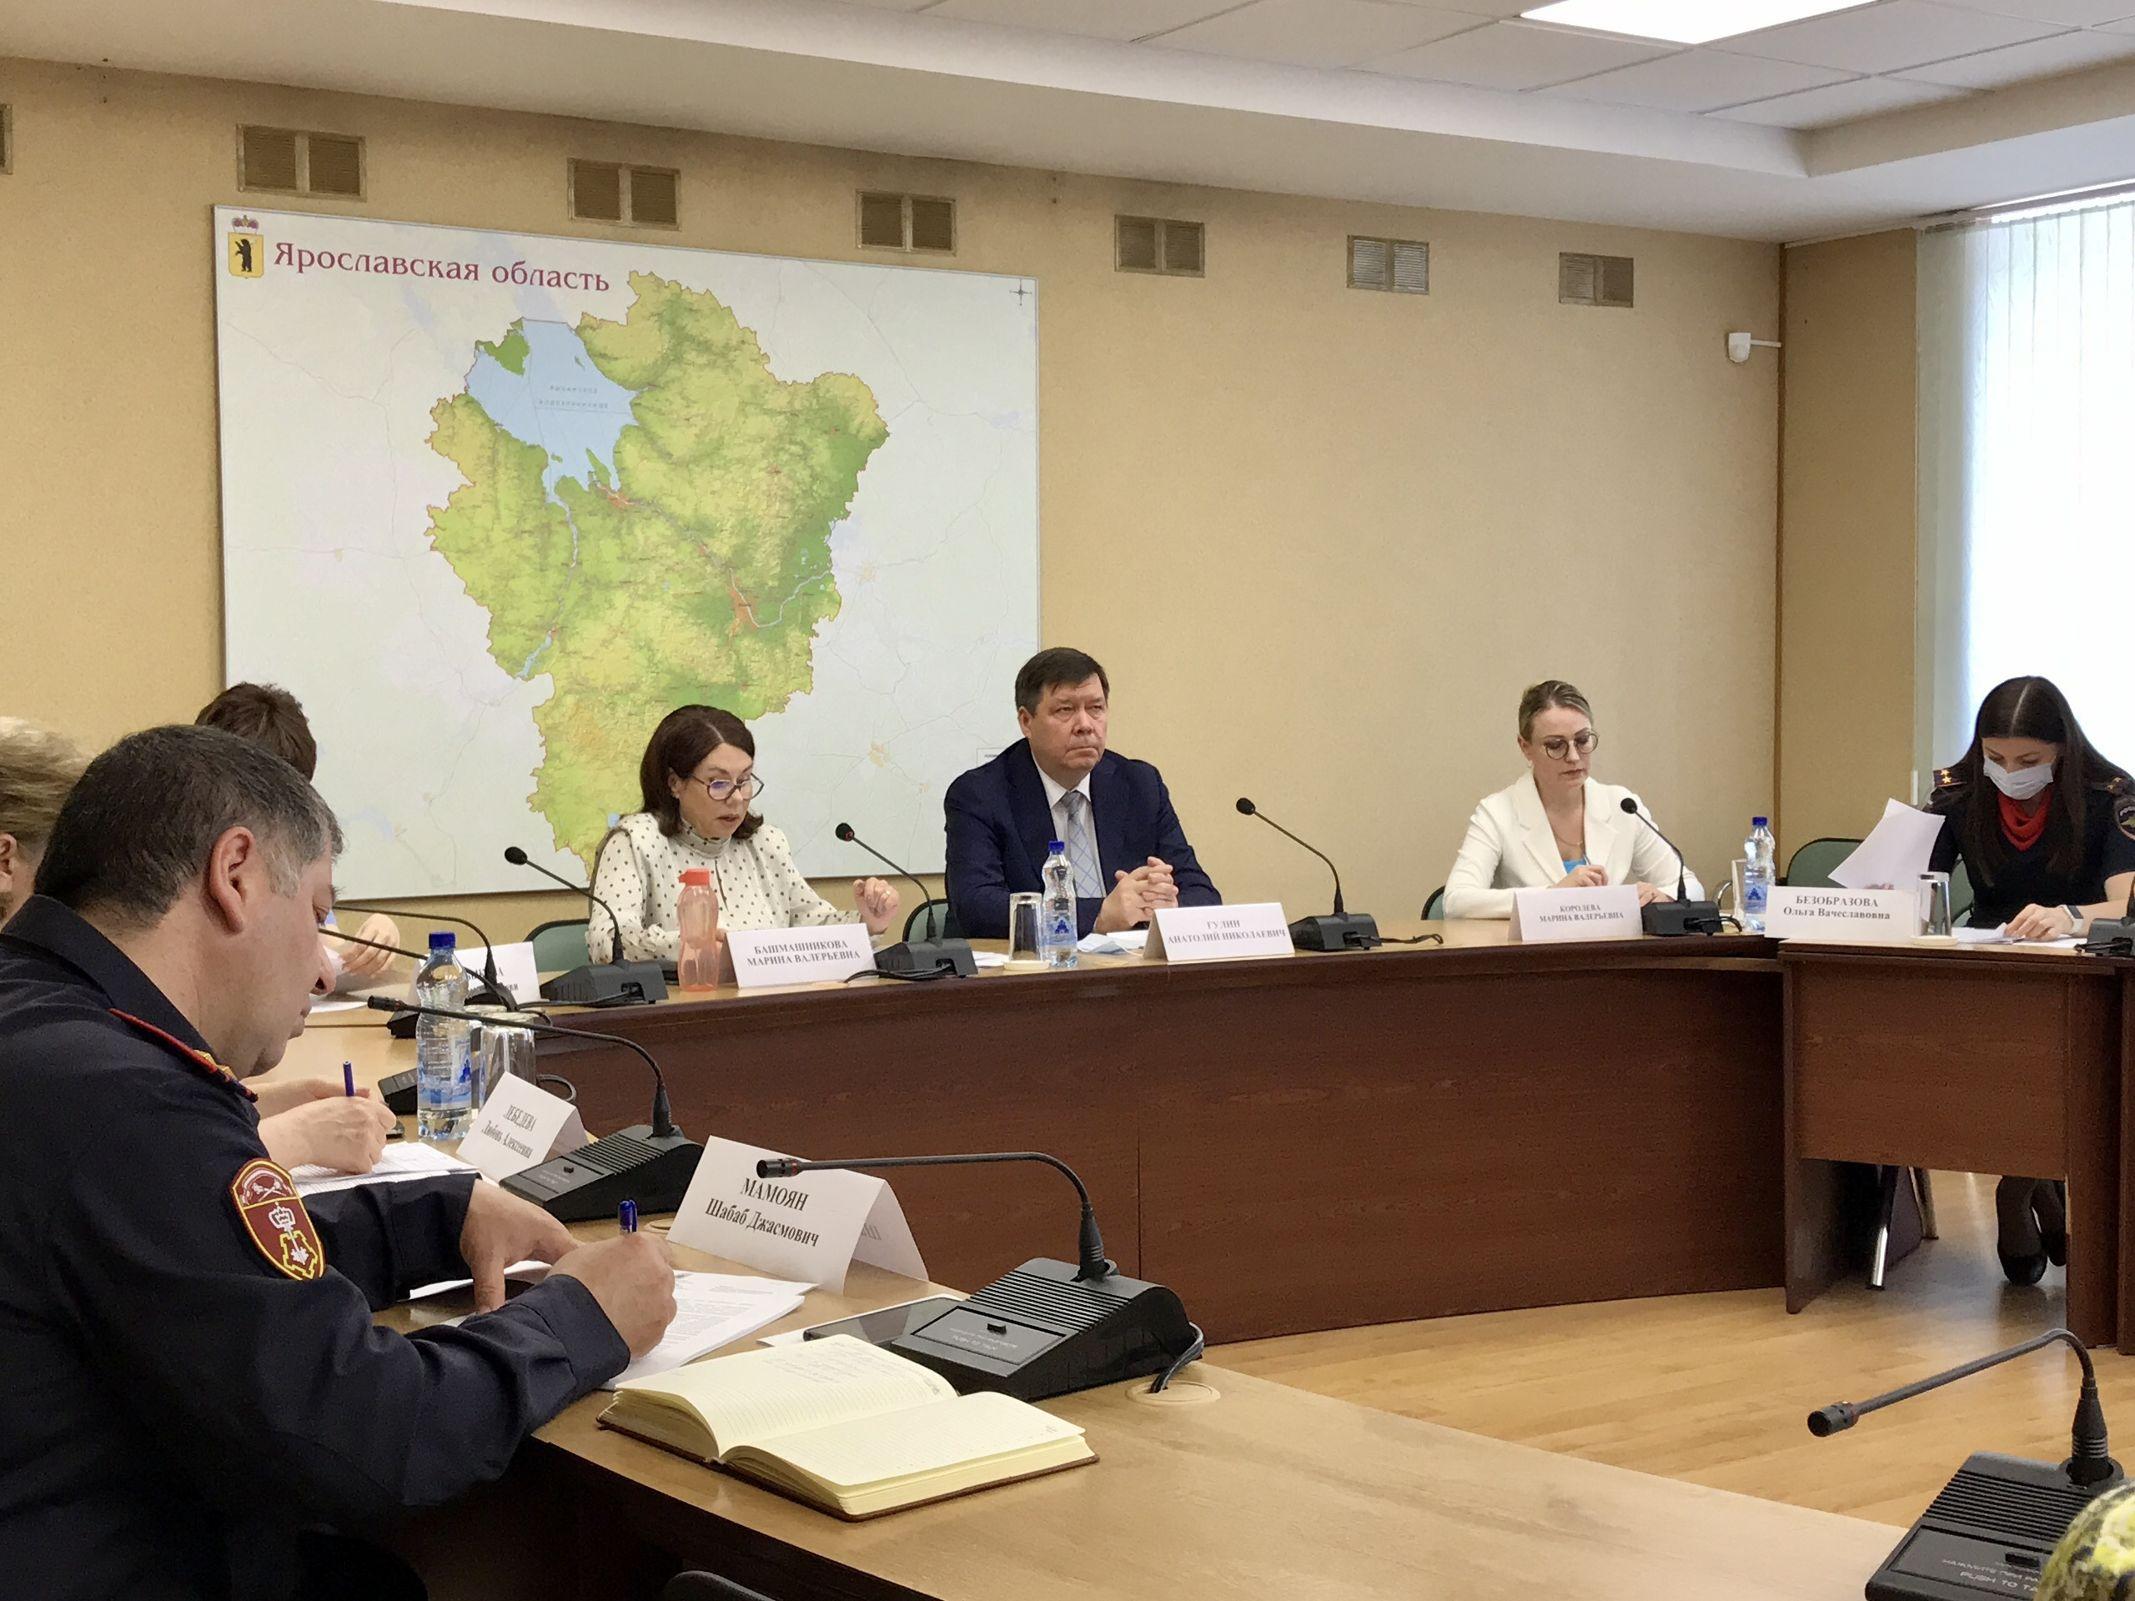 Около 12 тысяч детей смогут бесплатно отдохнуть в оздоровительных лагерях Ярославской области